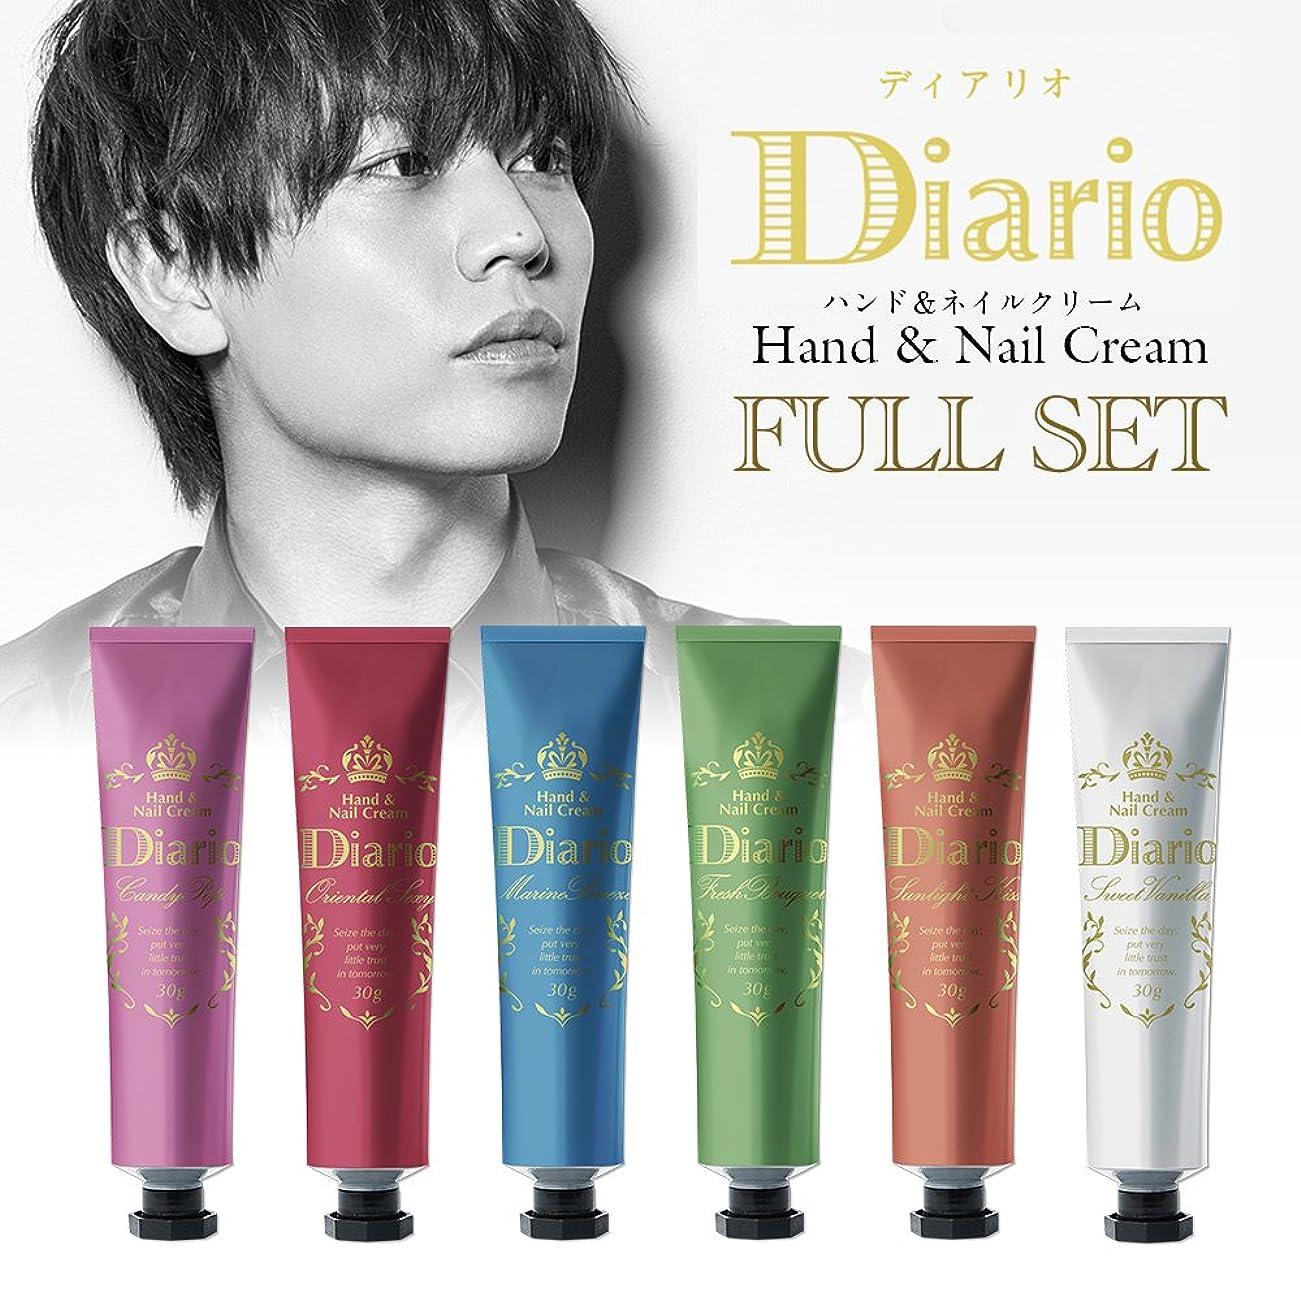 間接的周波数浸す【全6種】Diario(ディアリオ) ハンド&ネイル クリーム (各30g) フルセット